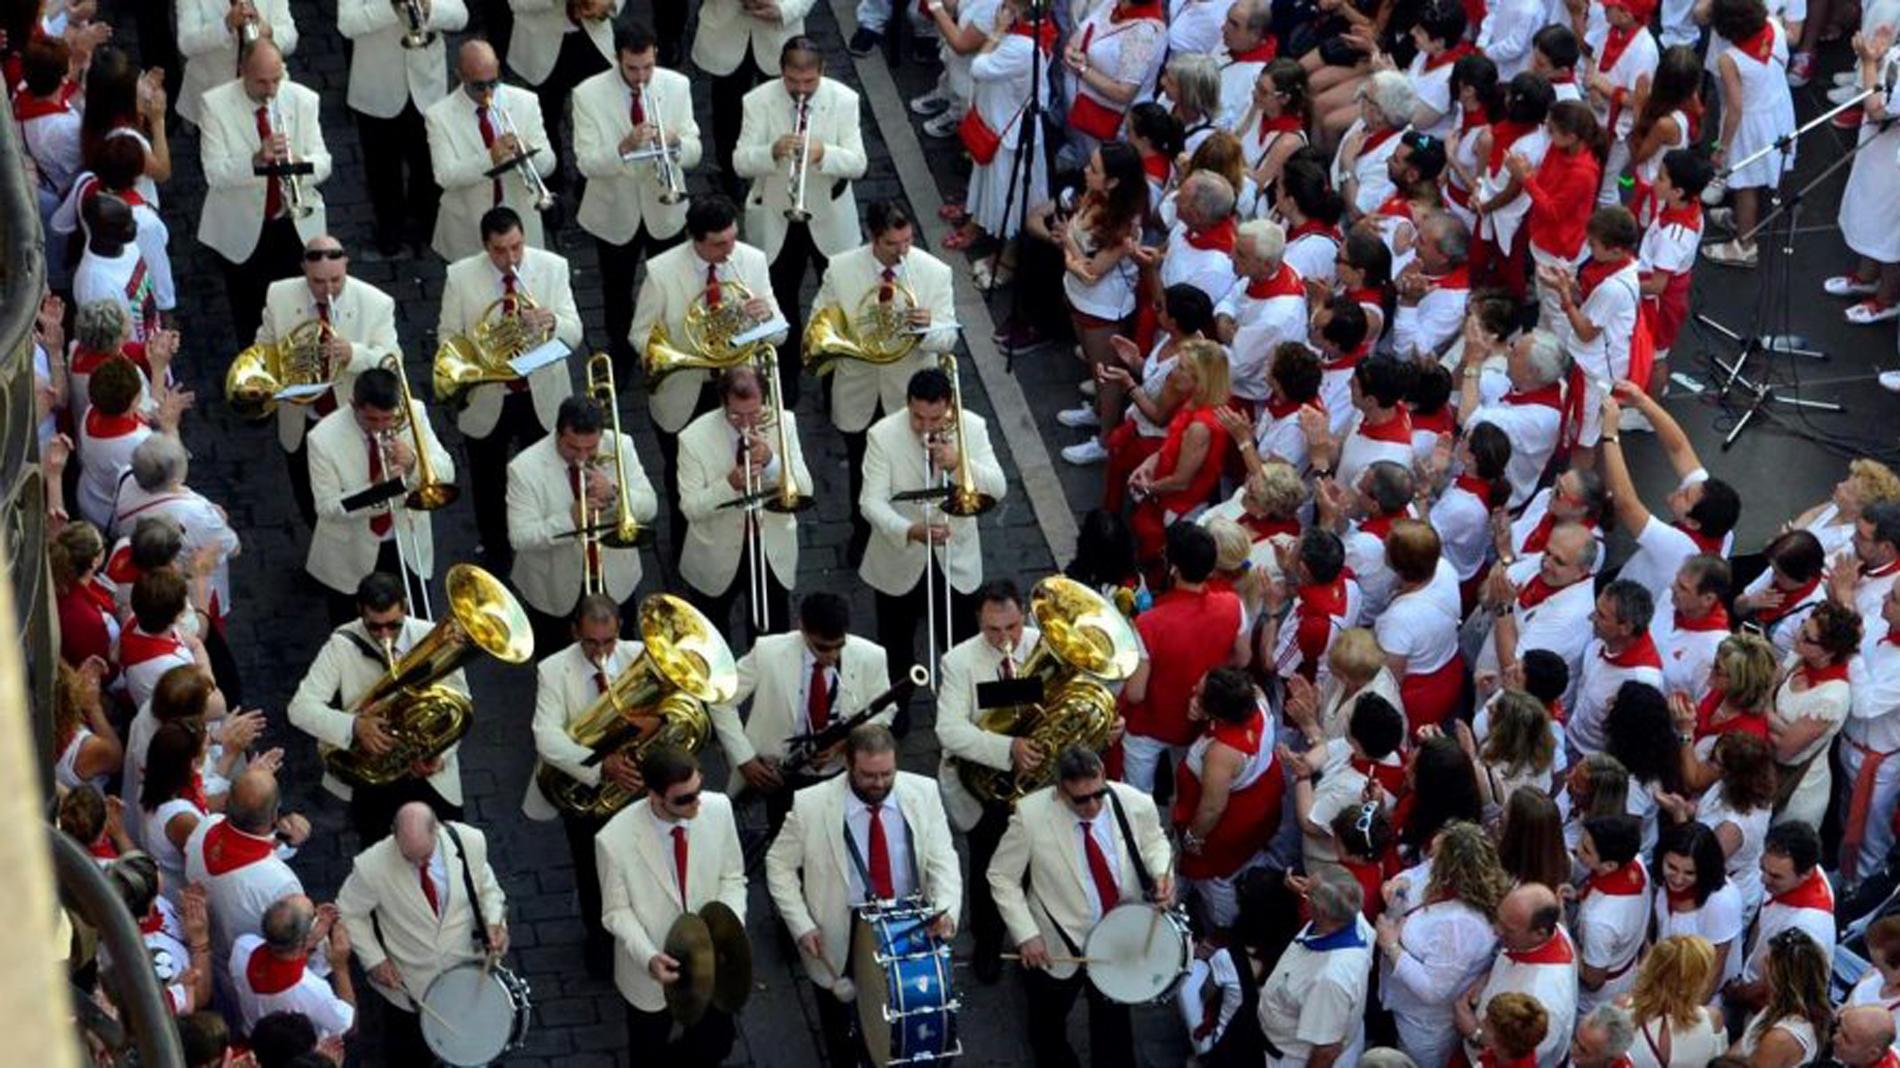 La banda de música La Pamplonesa lanzará el chupinazo de los Sanfermines